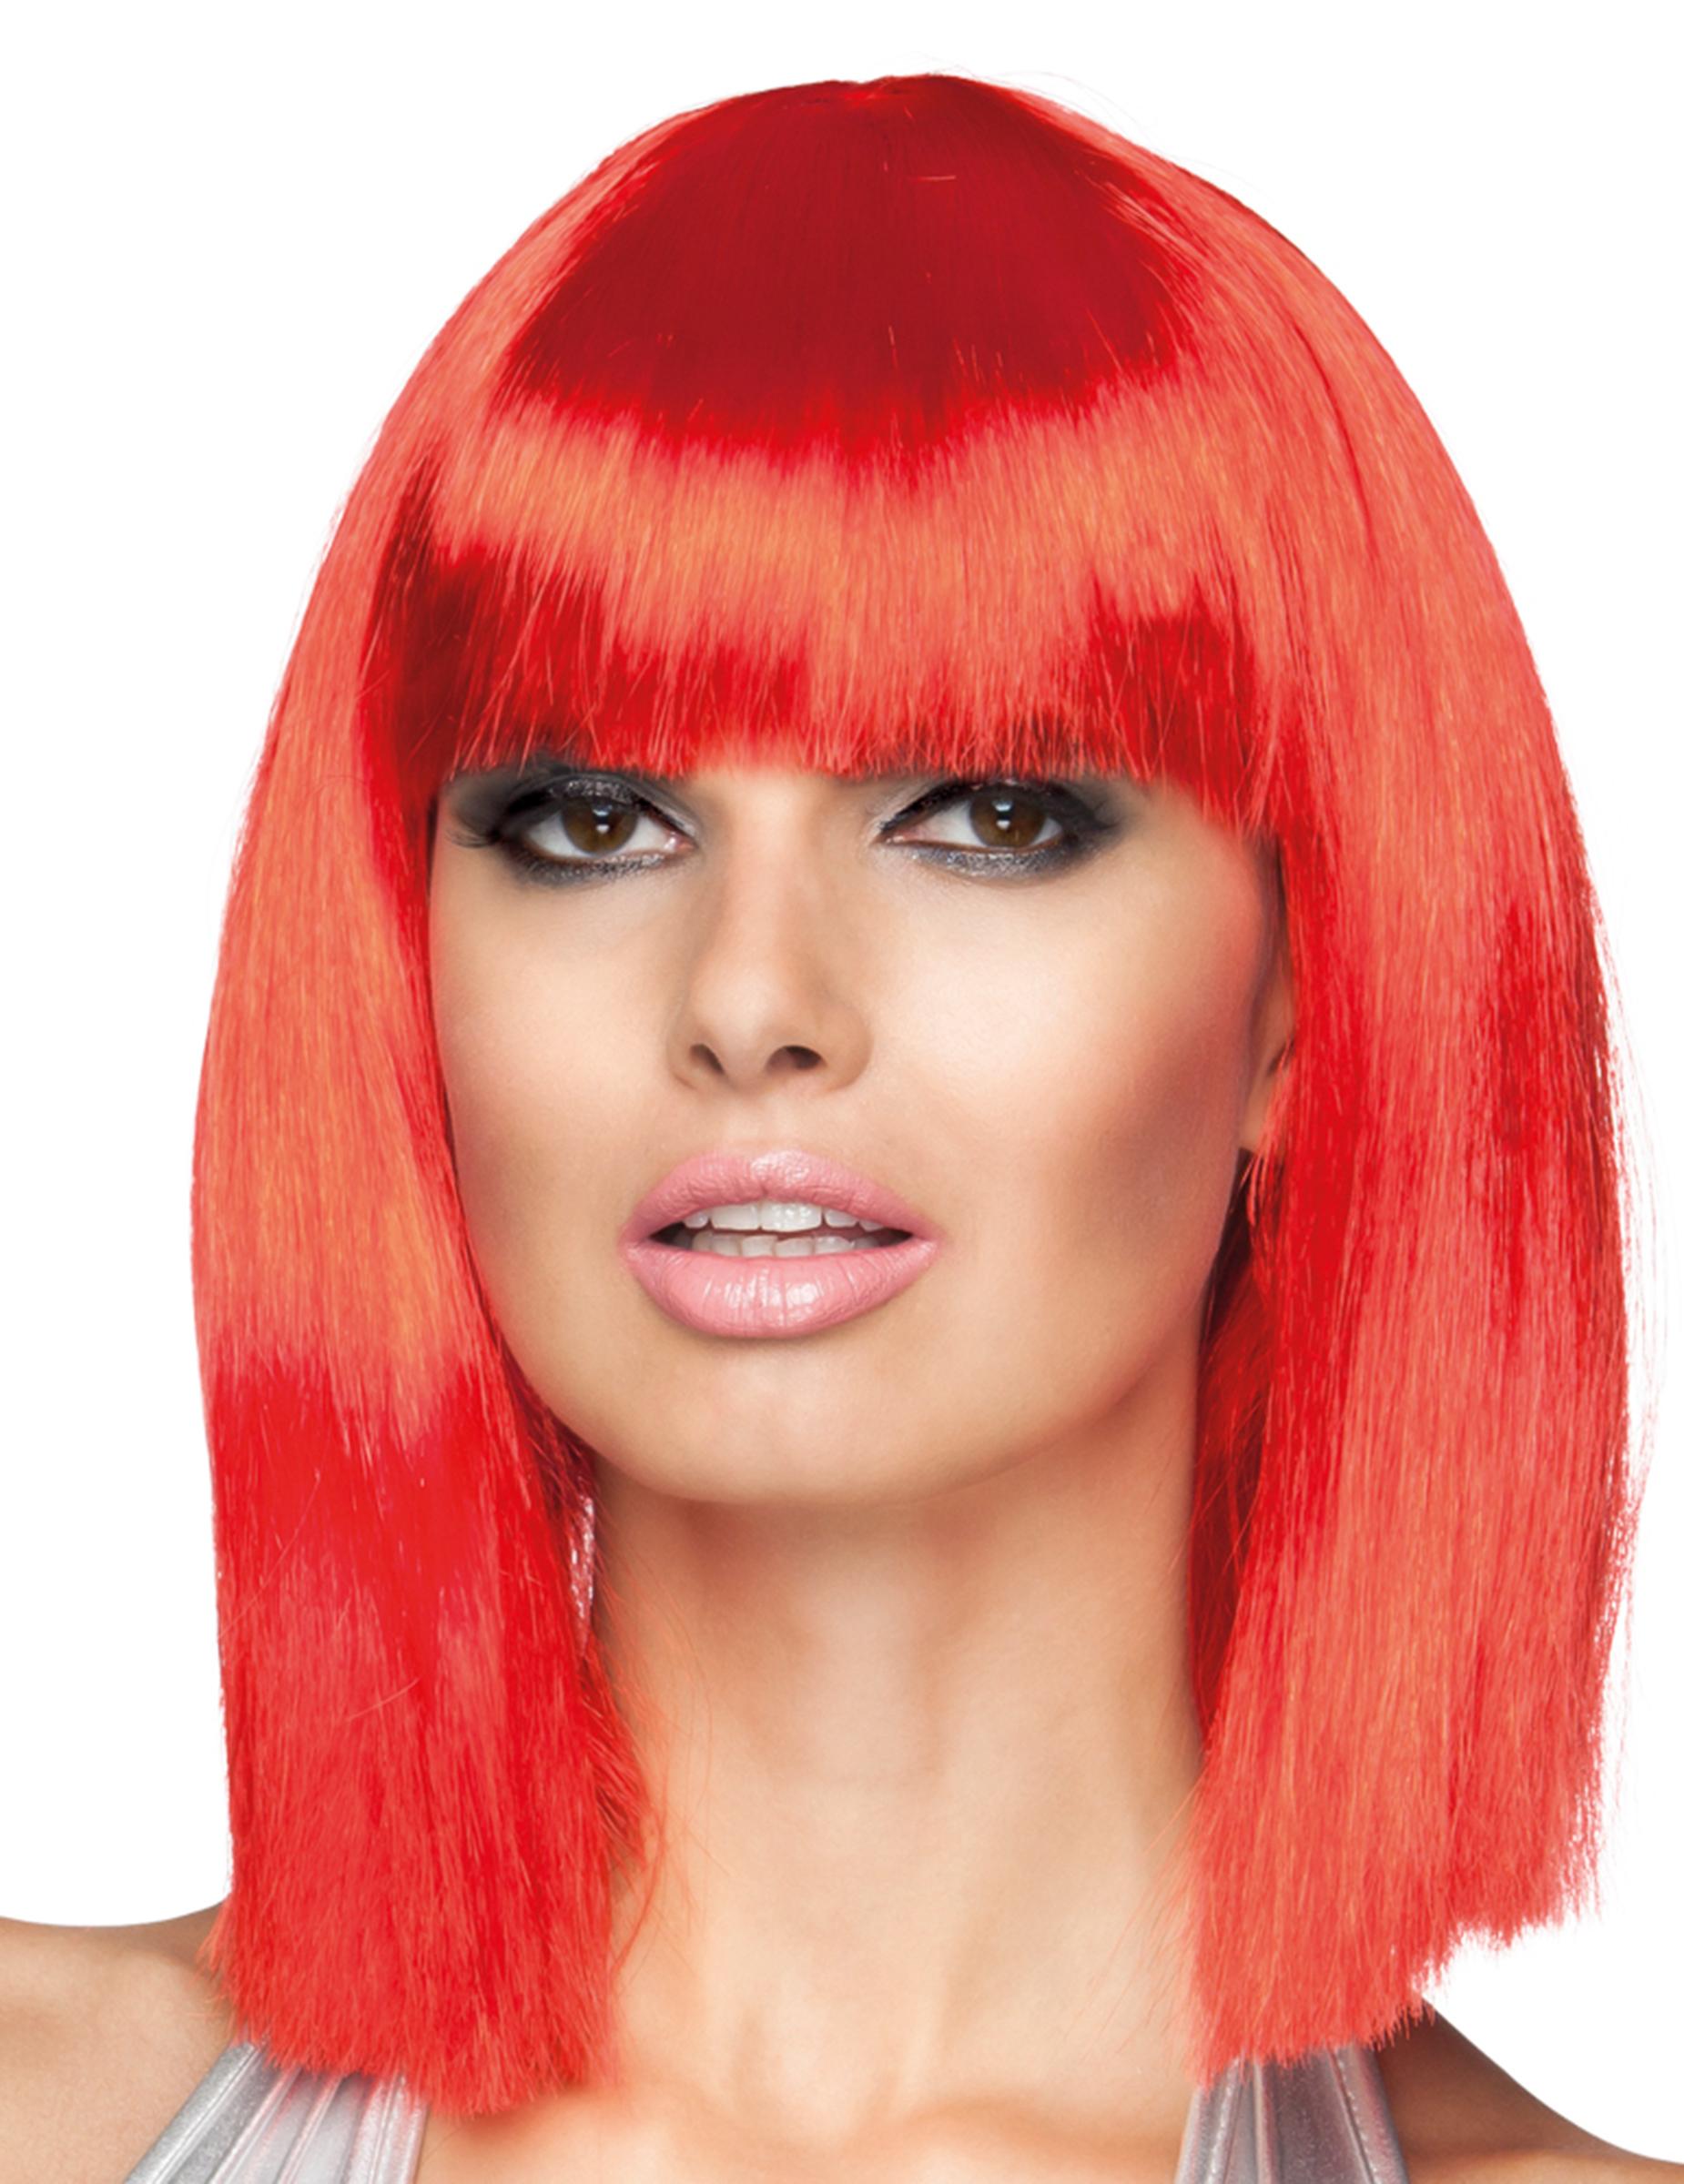 Perruque carré mi-long rouge femme, achat de Perruques sur VegaooPro, grossiste en déguisements